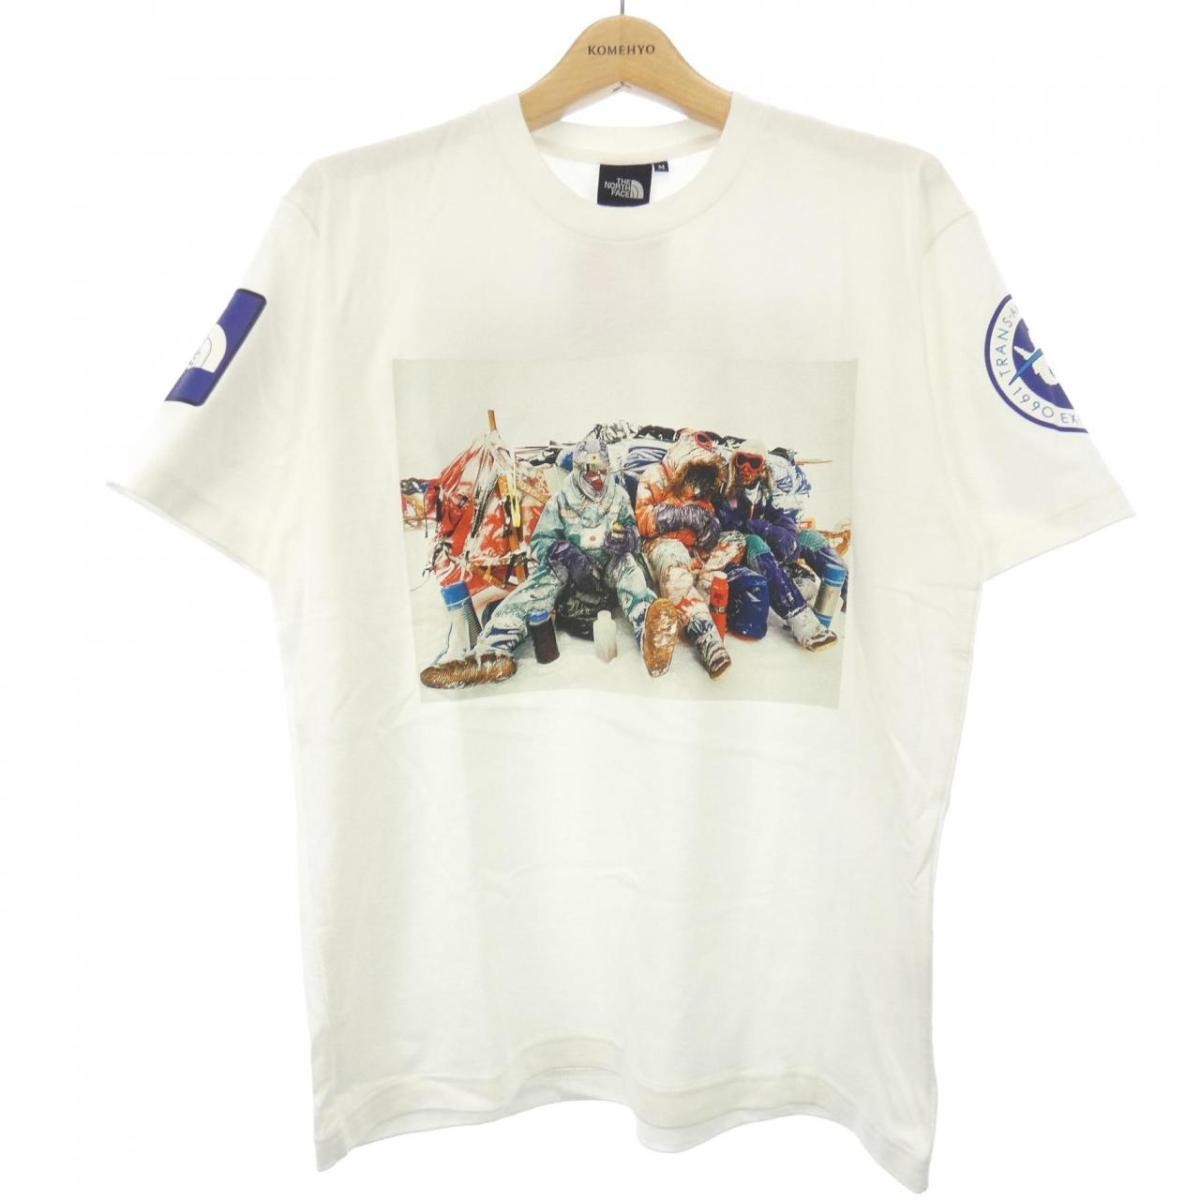 ザノースフェイス THE NORTH FACE Tシャツ【中古】